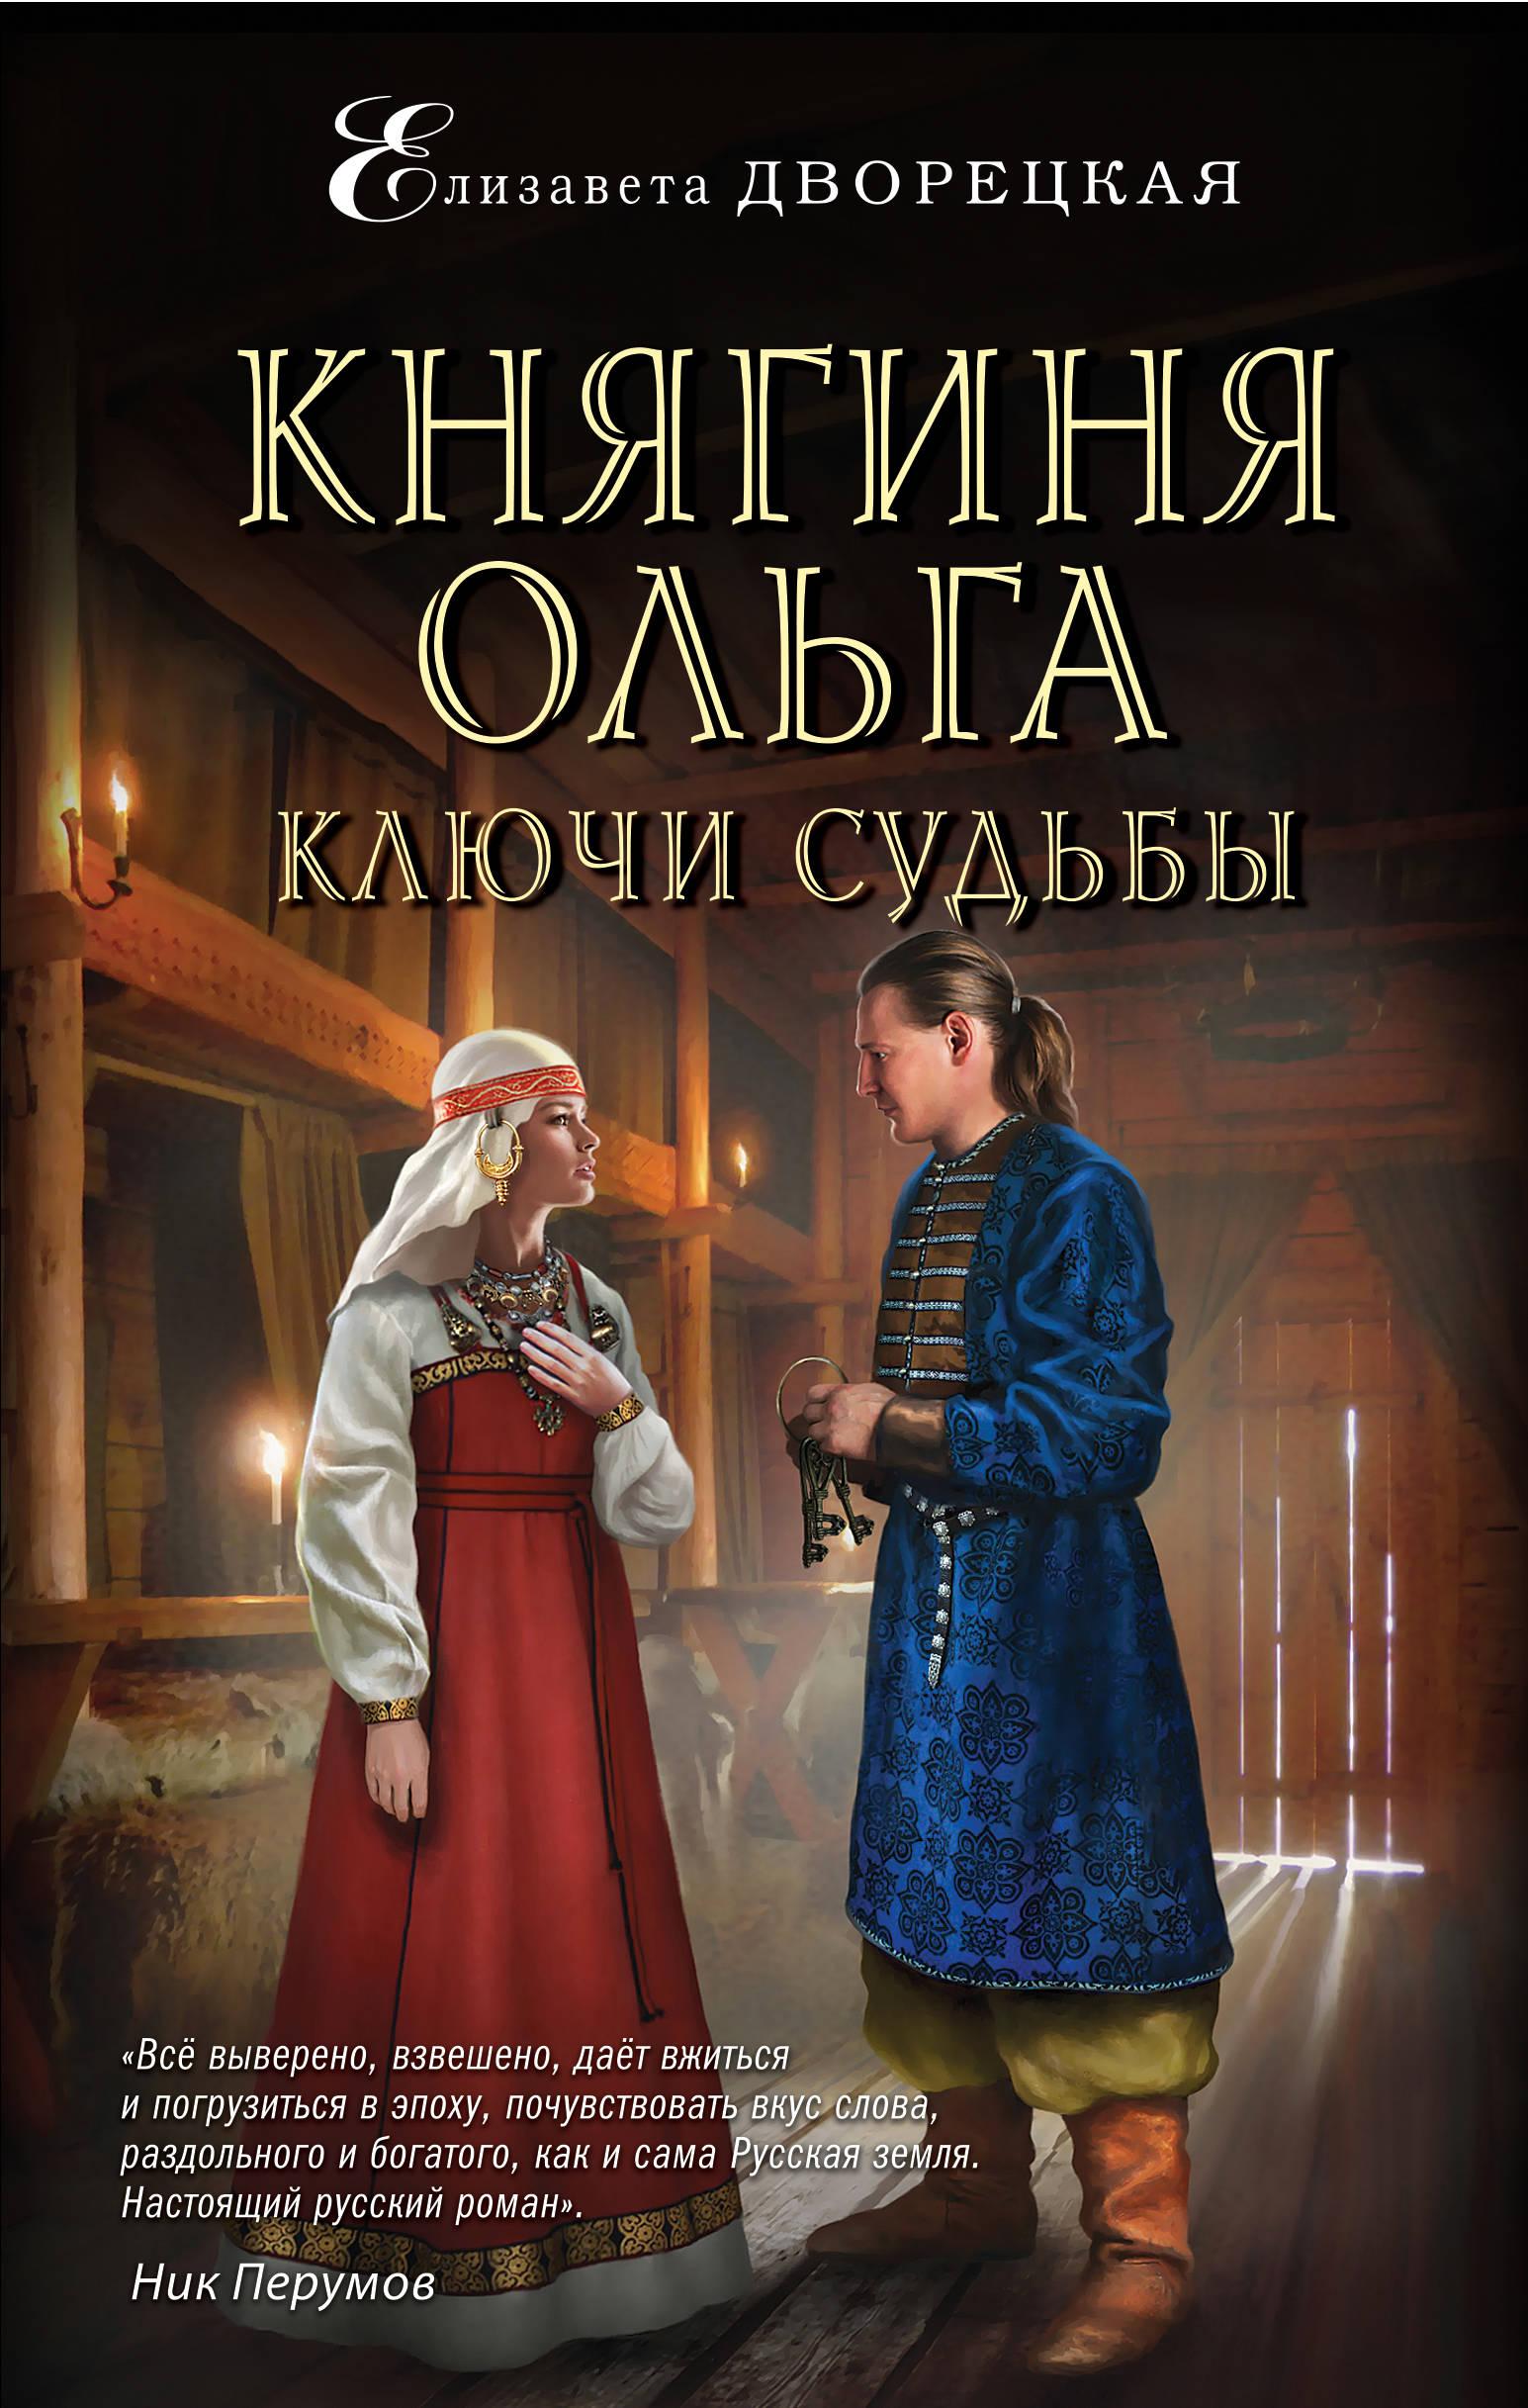 Knjaginja Olga. Kljuchi sudby